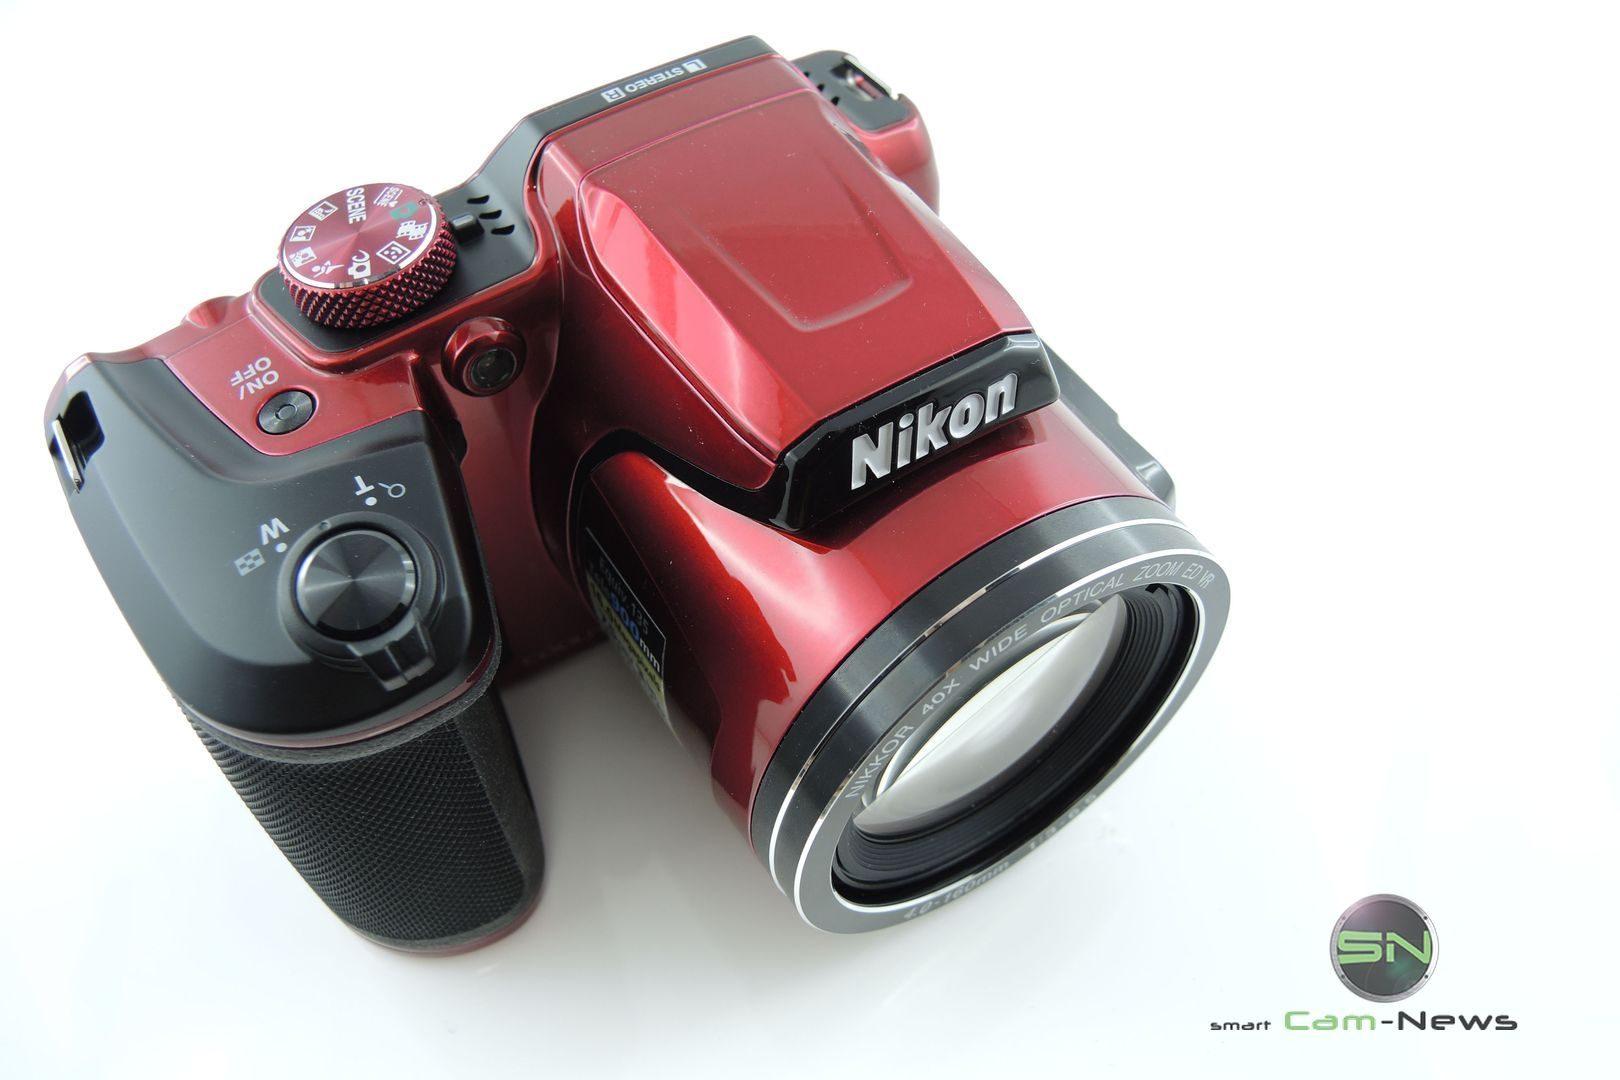 Nikon Bridge B500 Reisekamera